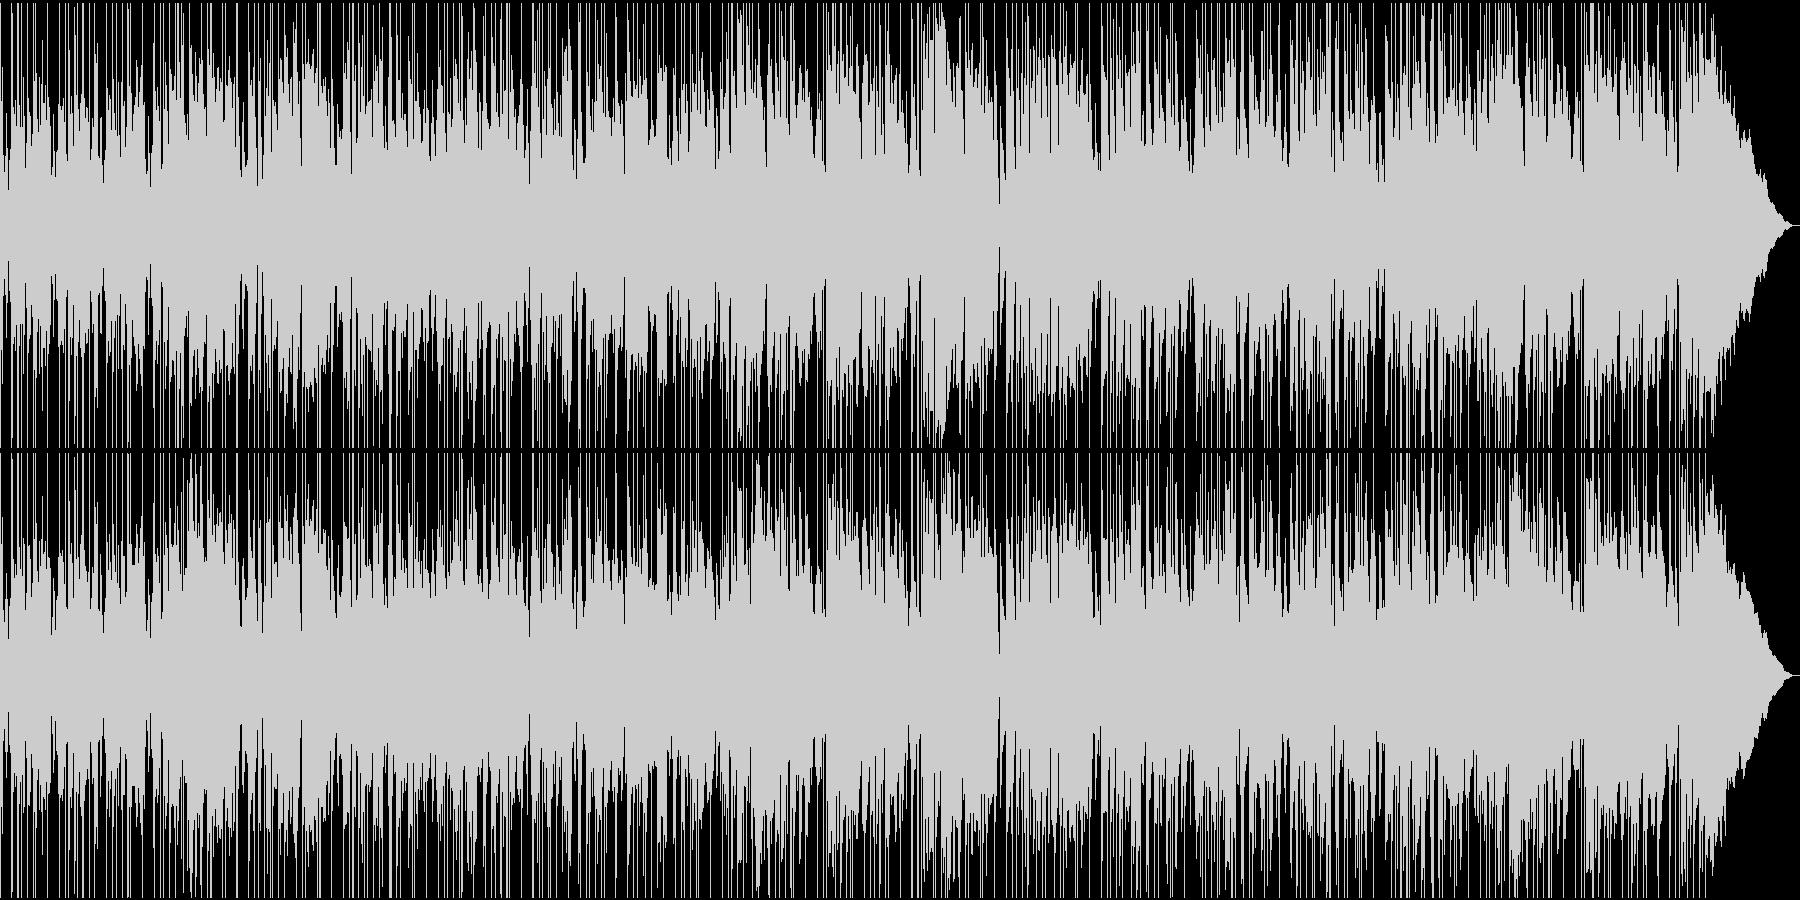 アグレッシブなレゲエロックの未再生の波形